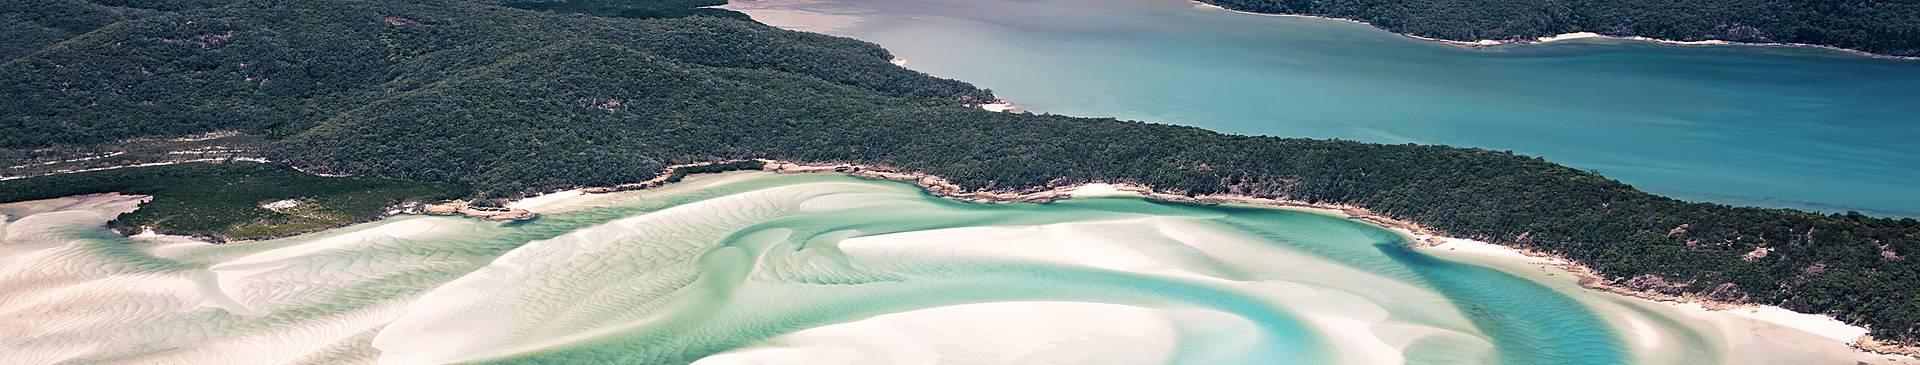 Voyage plage en Australie